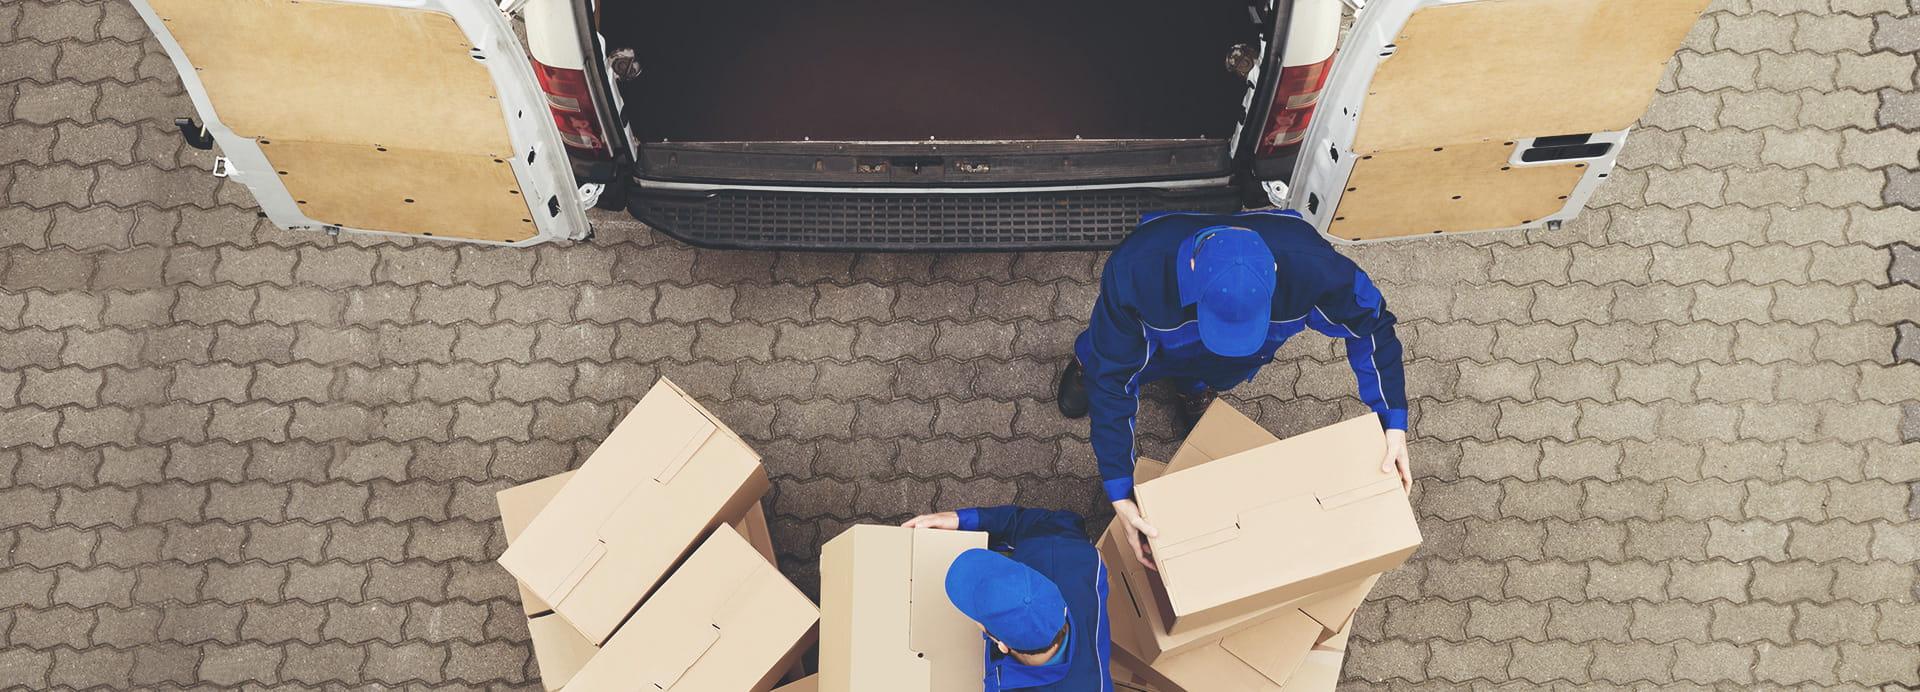 Paketlieferdienst